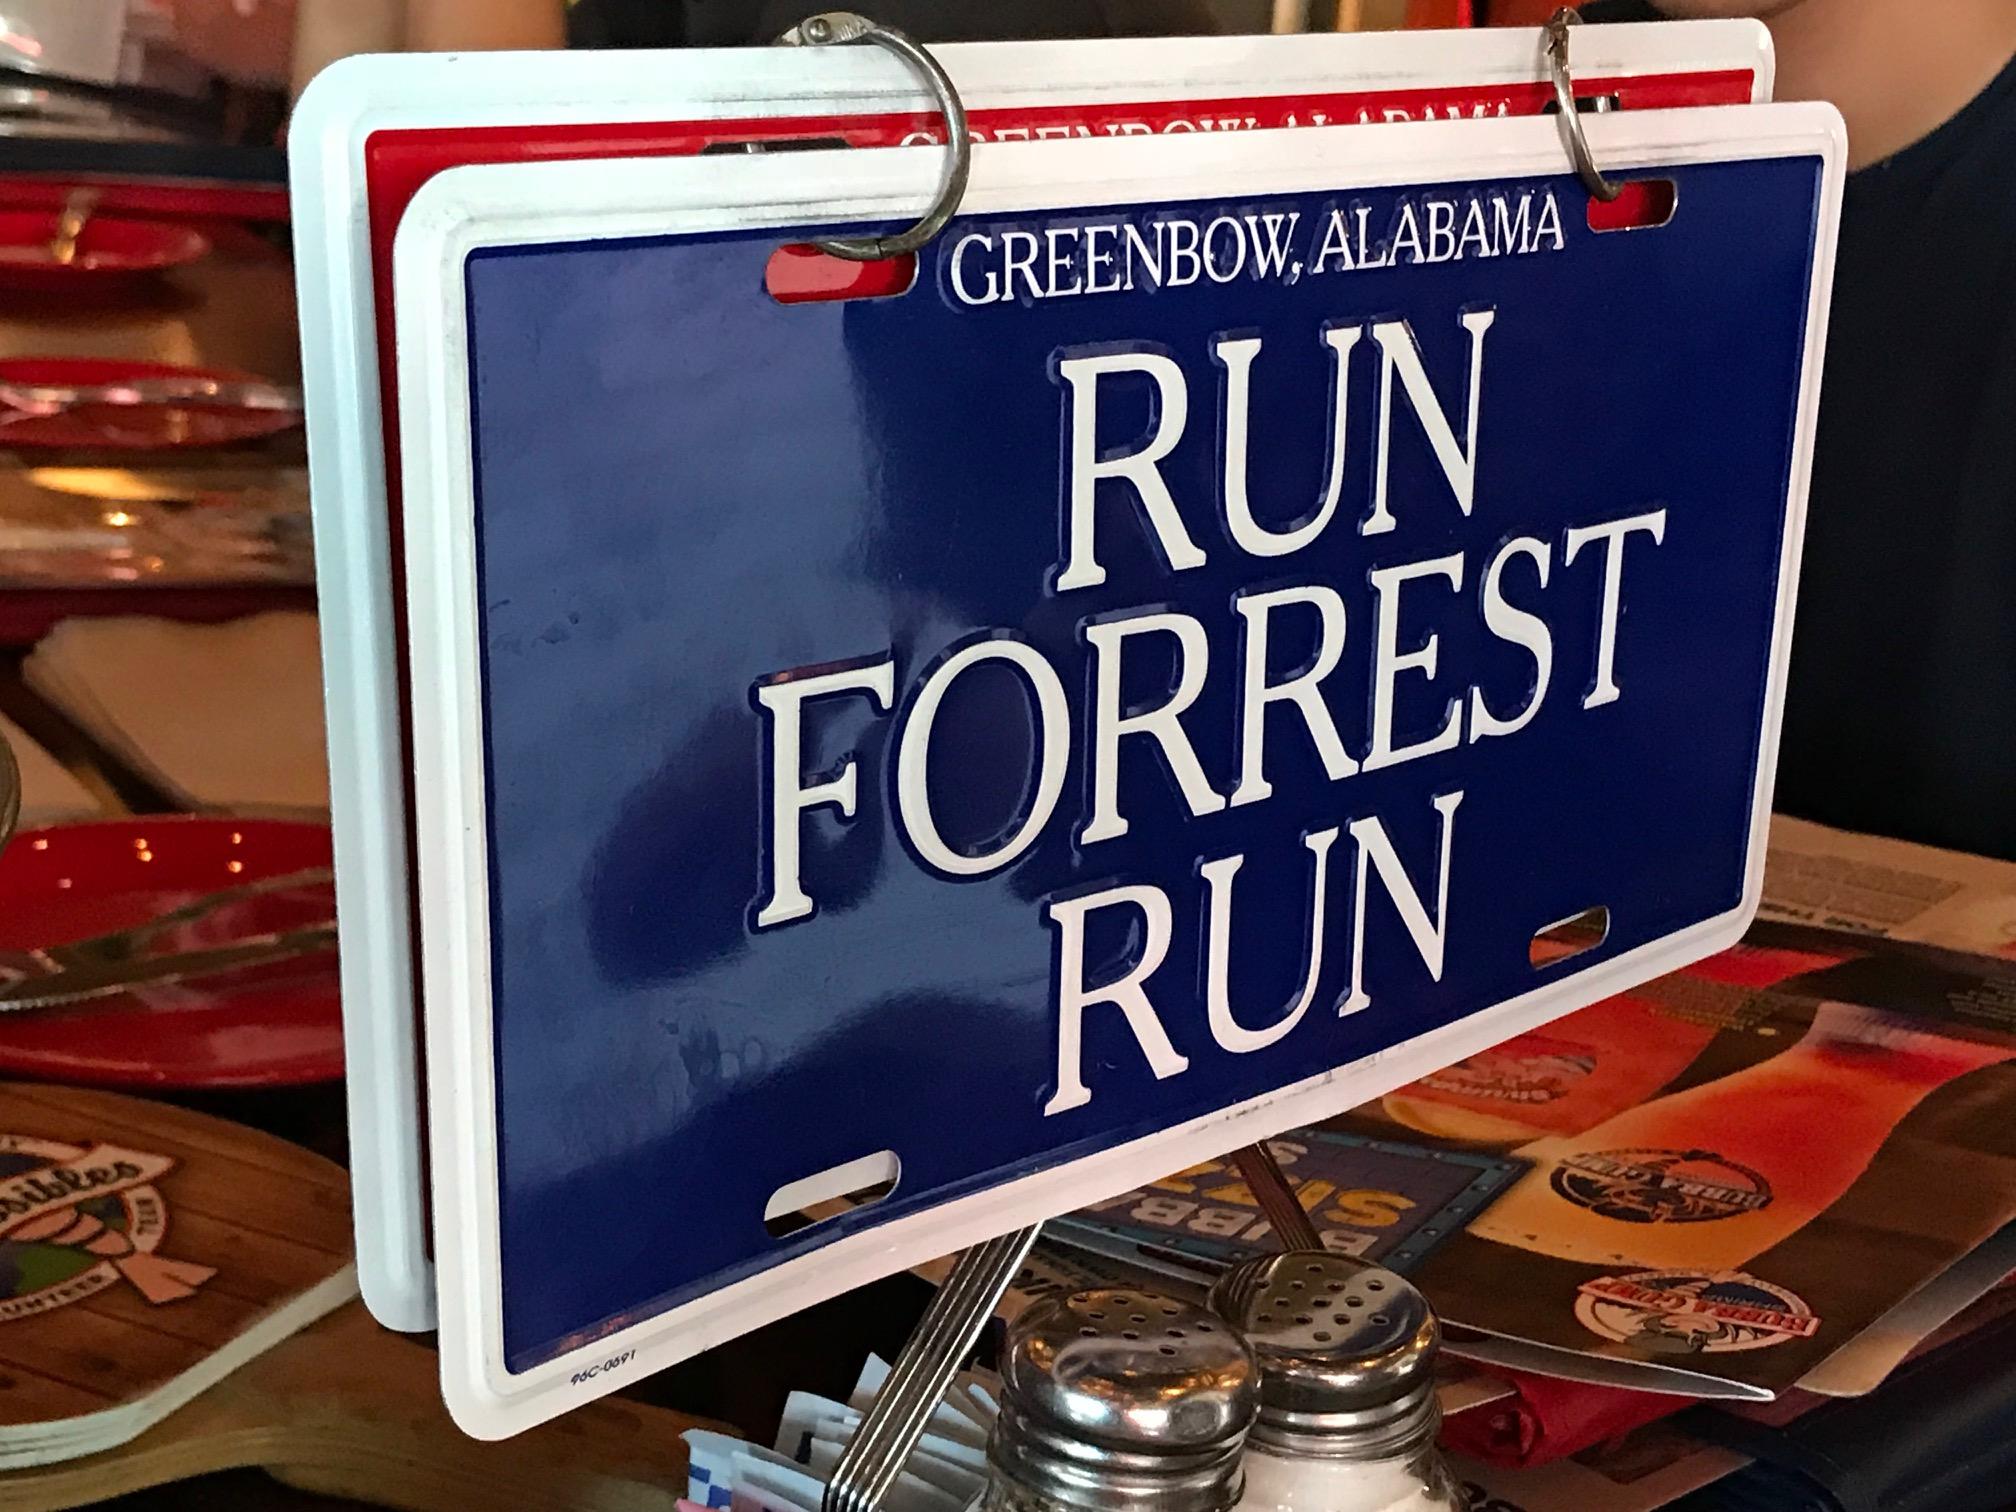 Run Forrest Run.